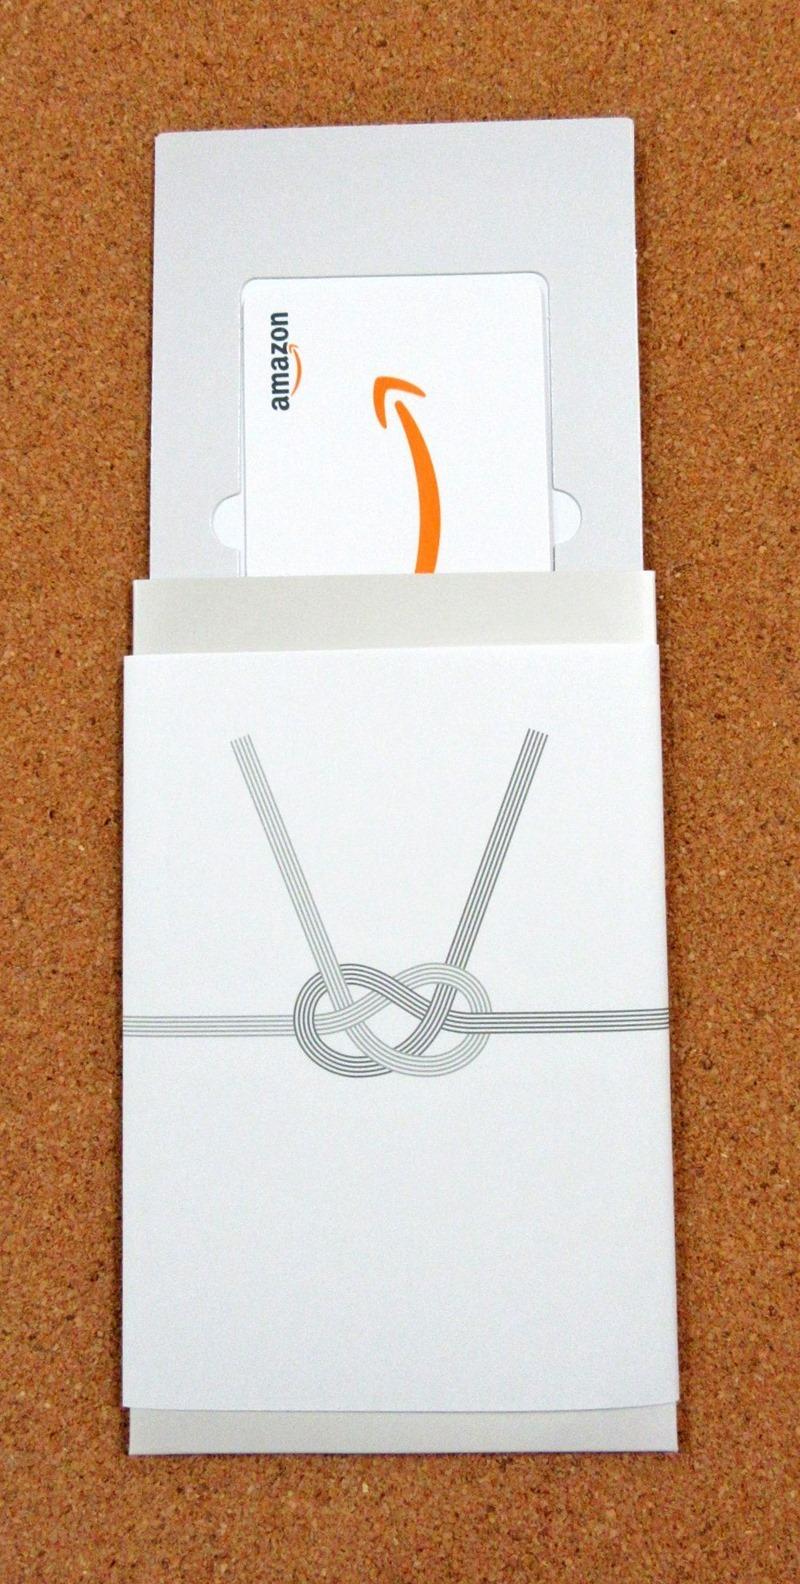 黒白結びきり熨斗のAmazonギフトカード収納